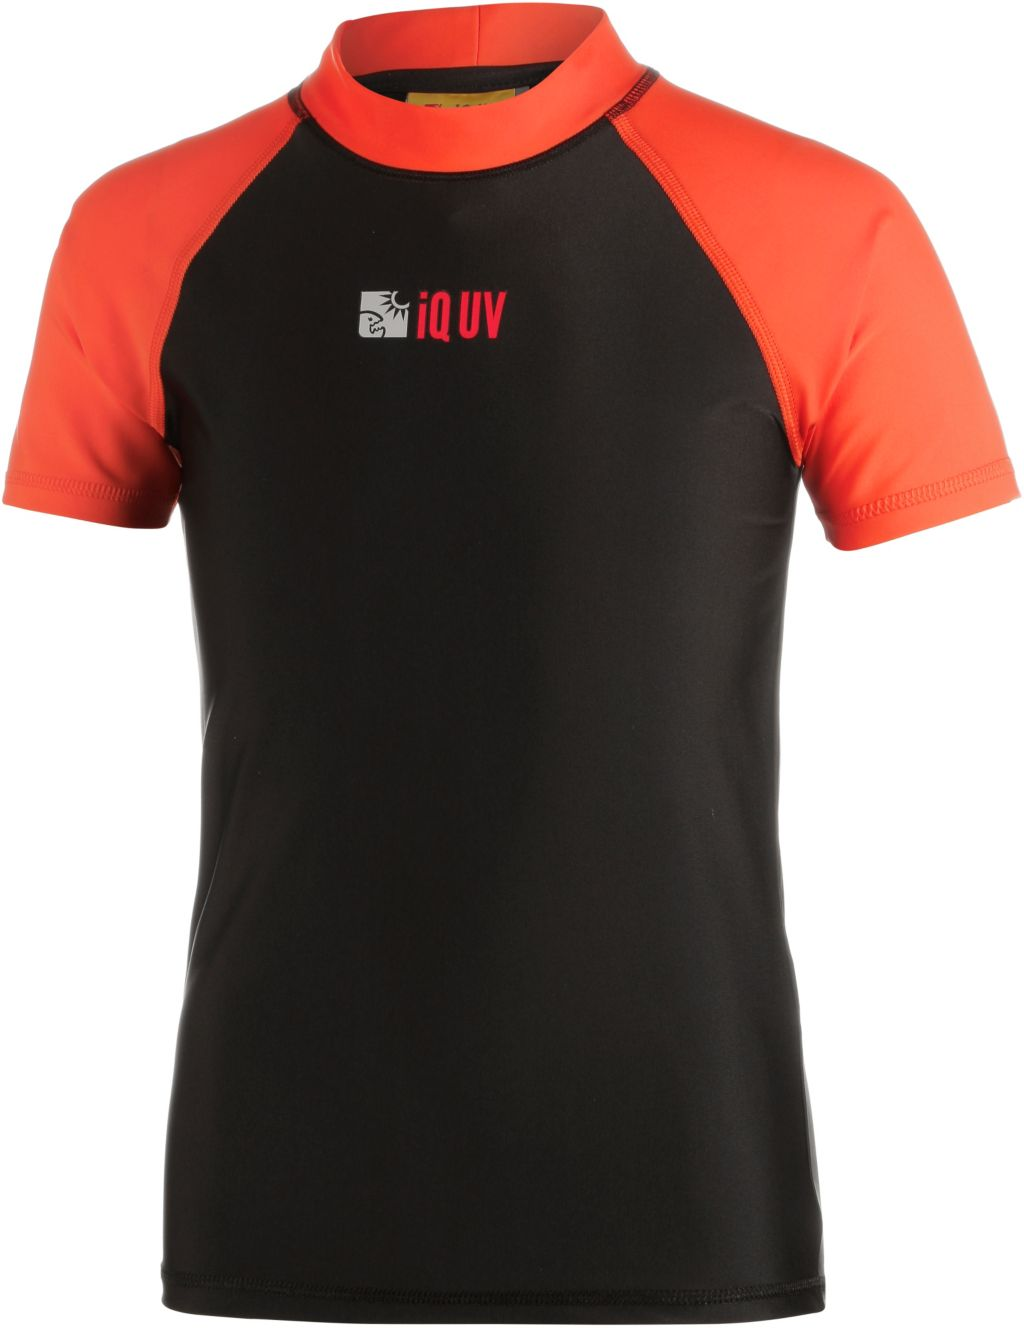 UV-Shirt Kinder mehrfarbig, Größe 152